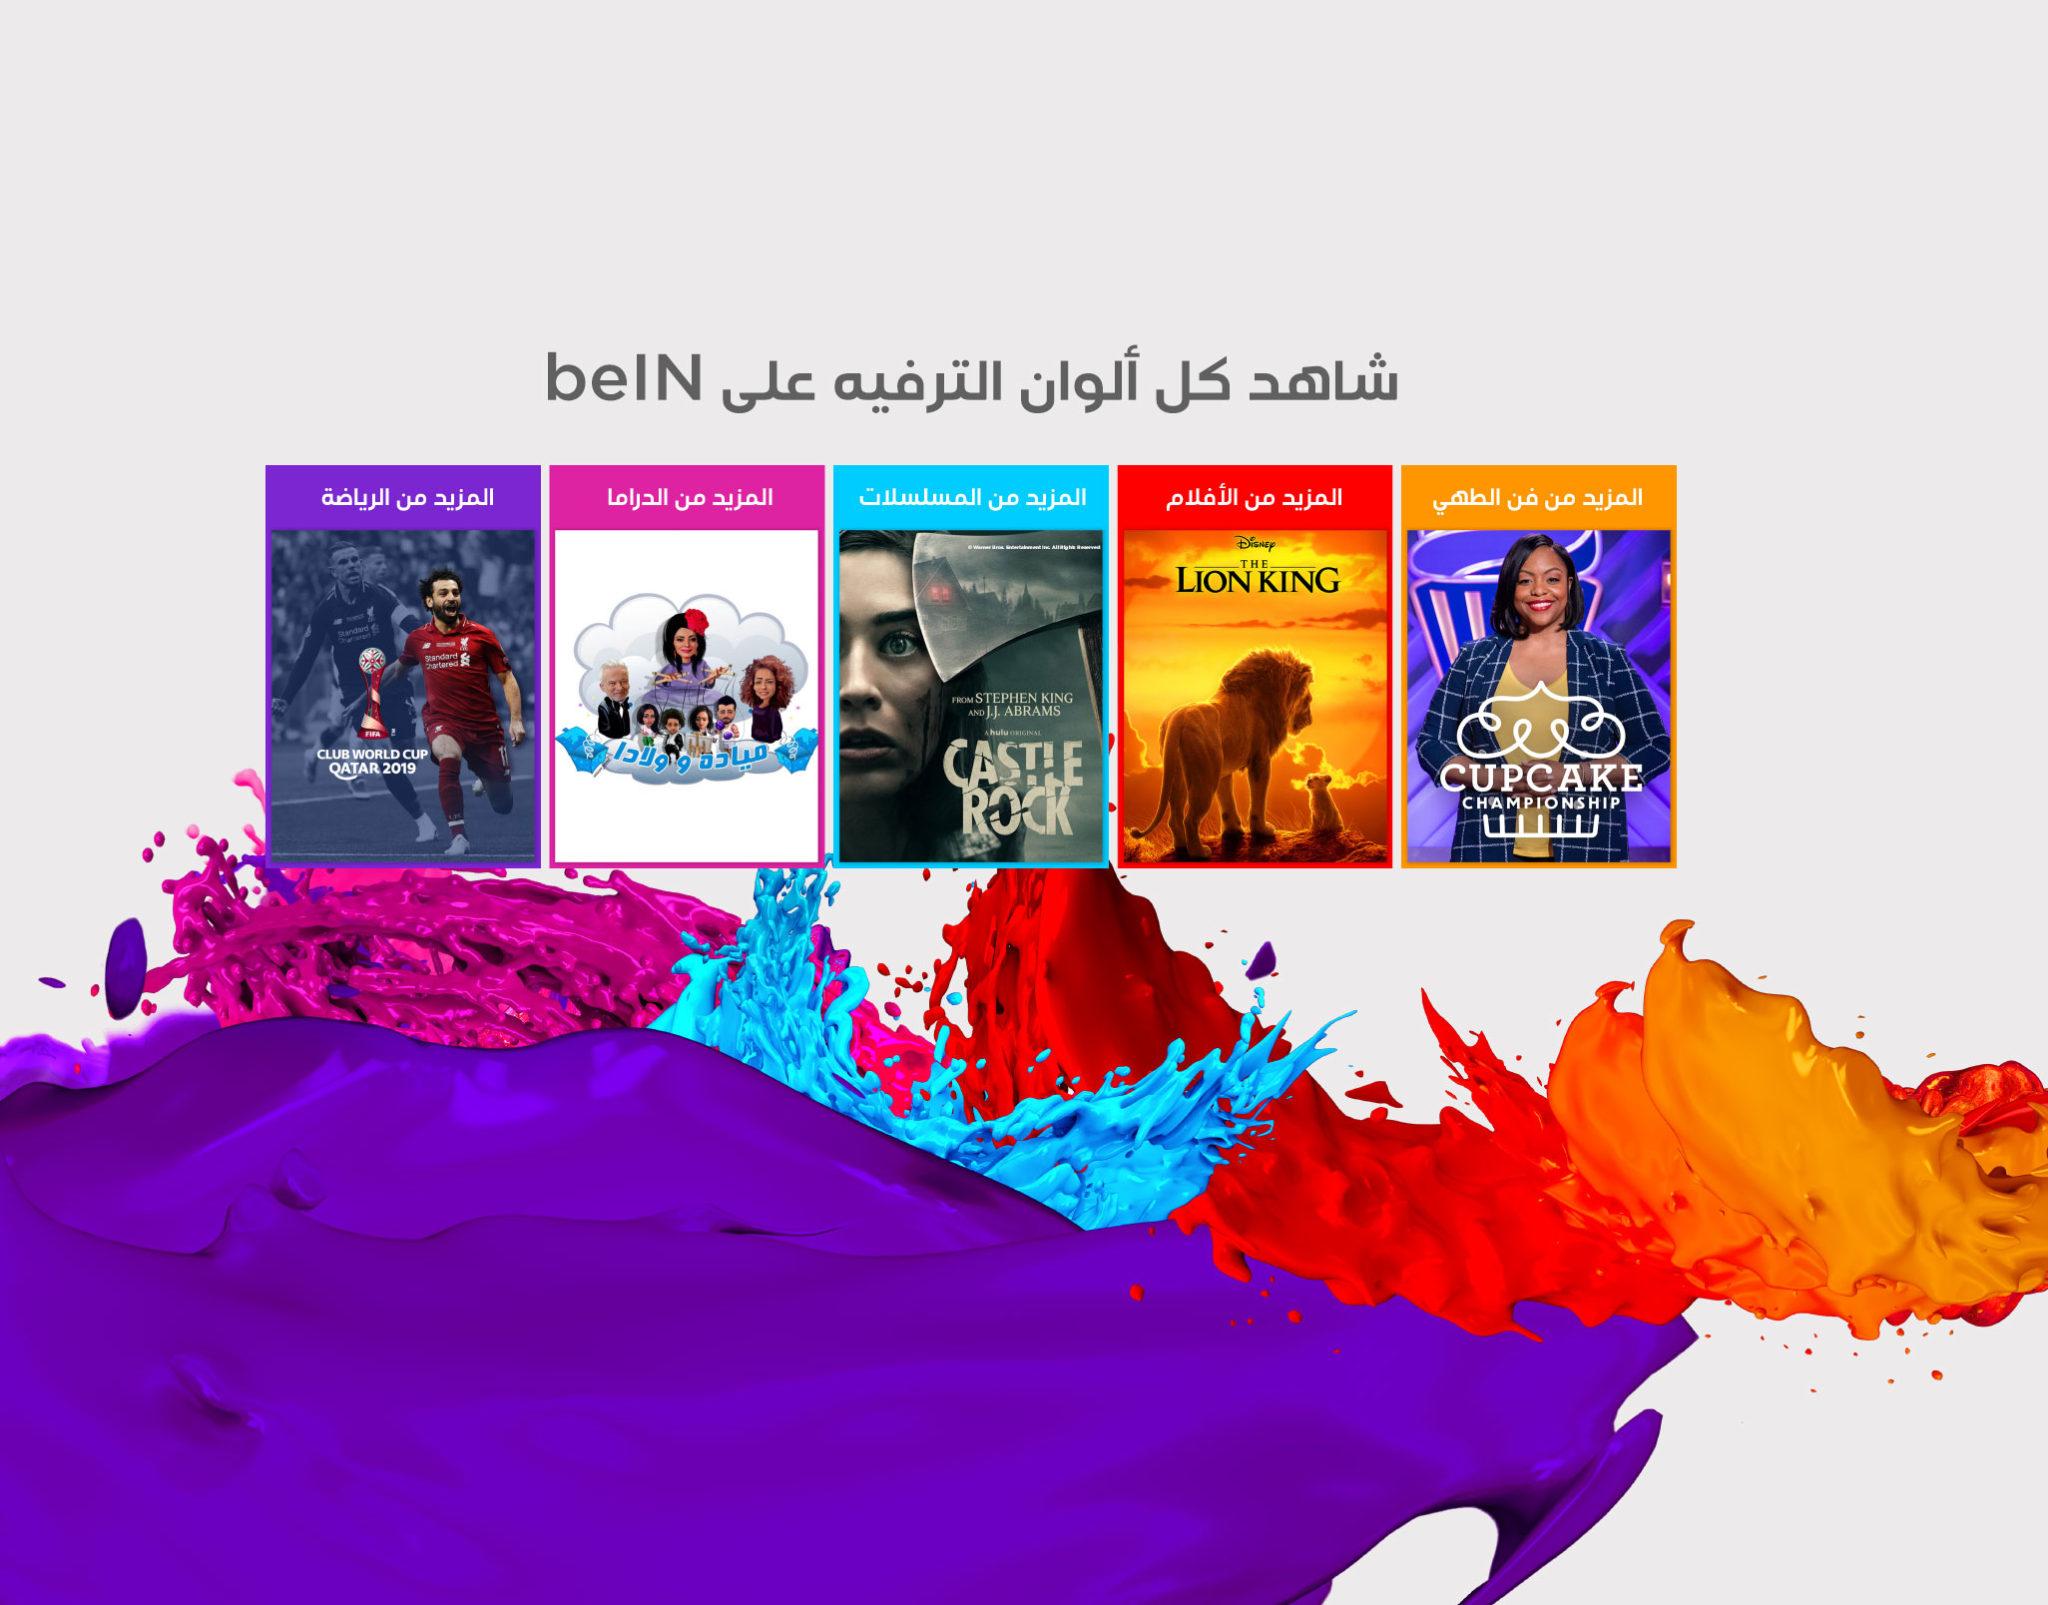 سعر أشتراك بى ان سبورت 2020 مصر وأرقام خدمة العملاء موقع فسفس